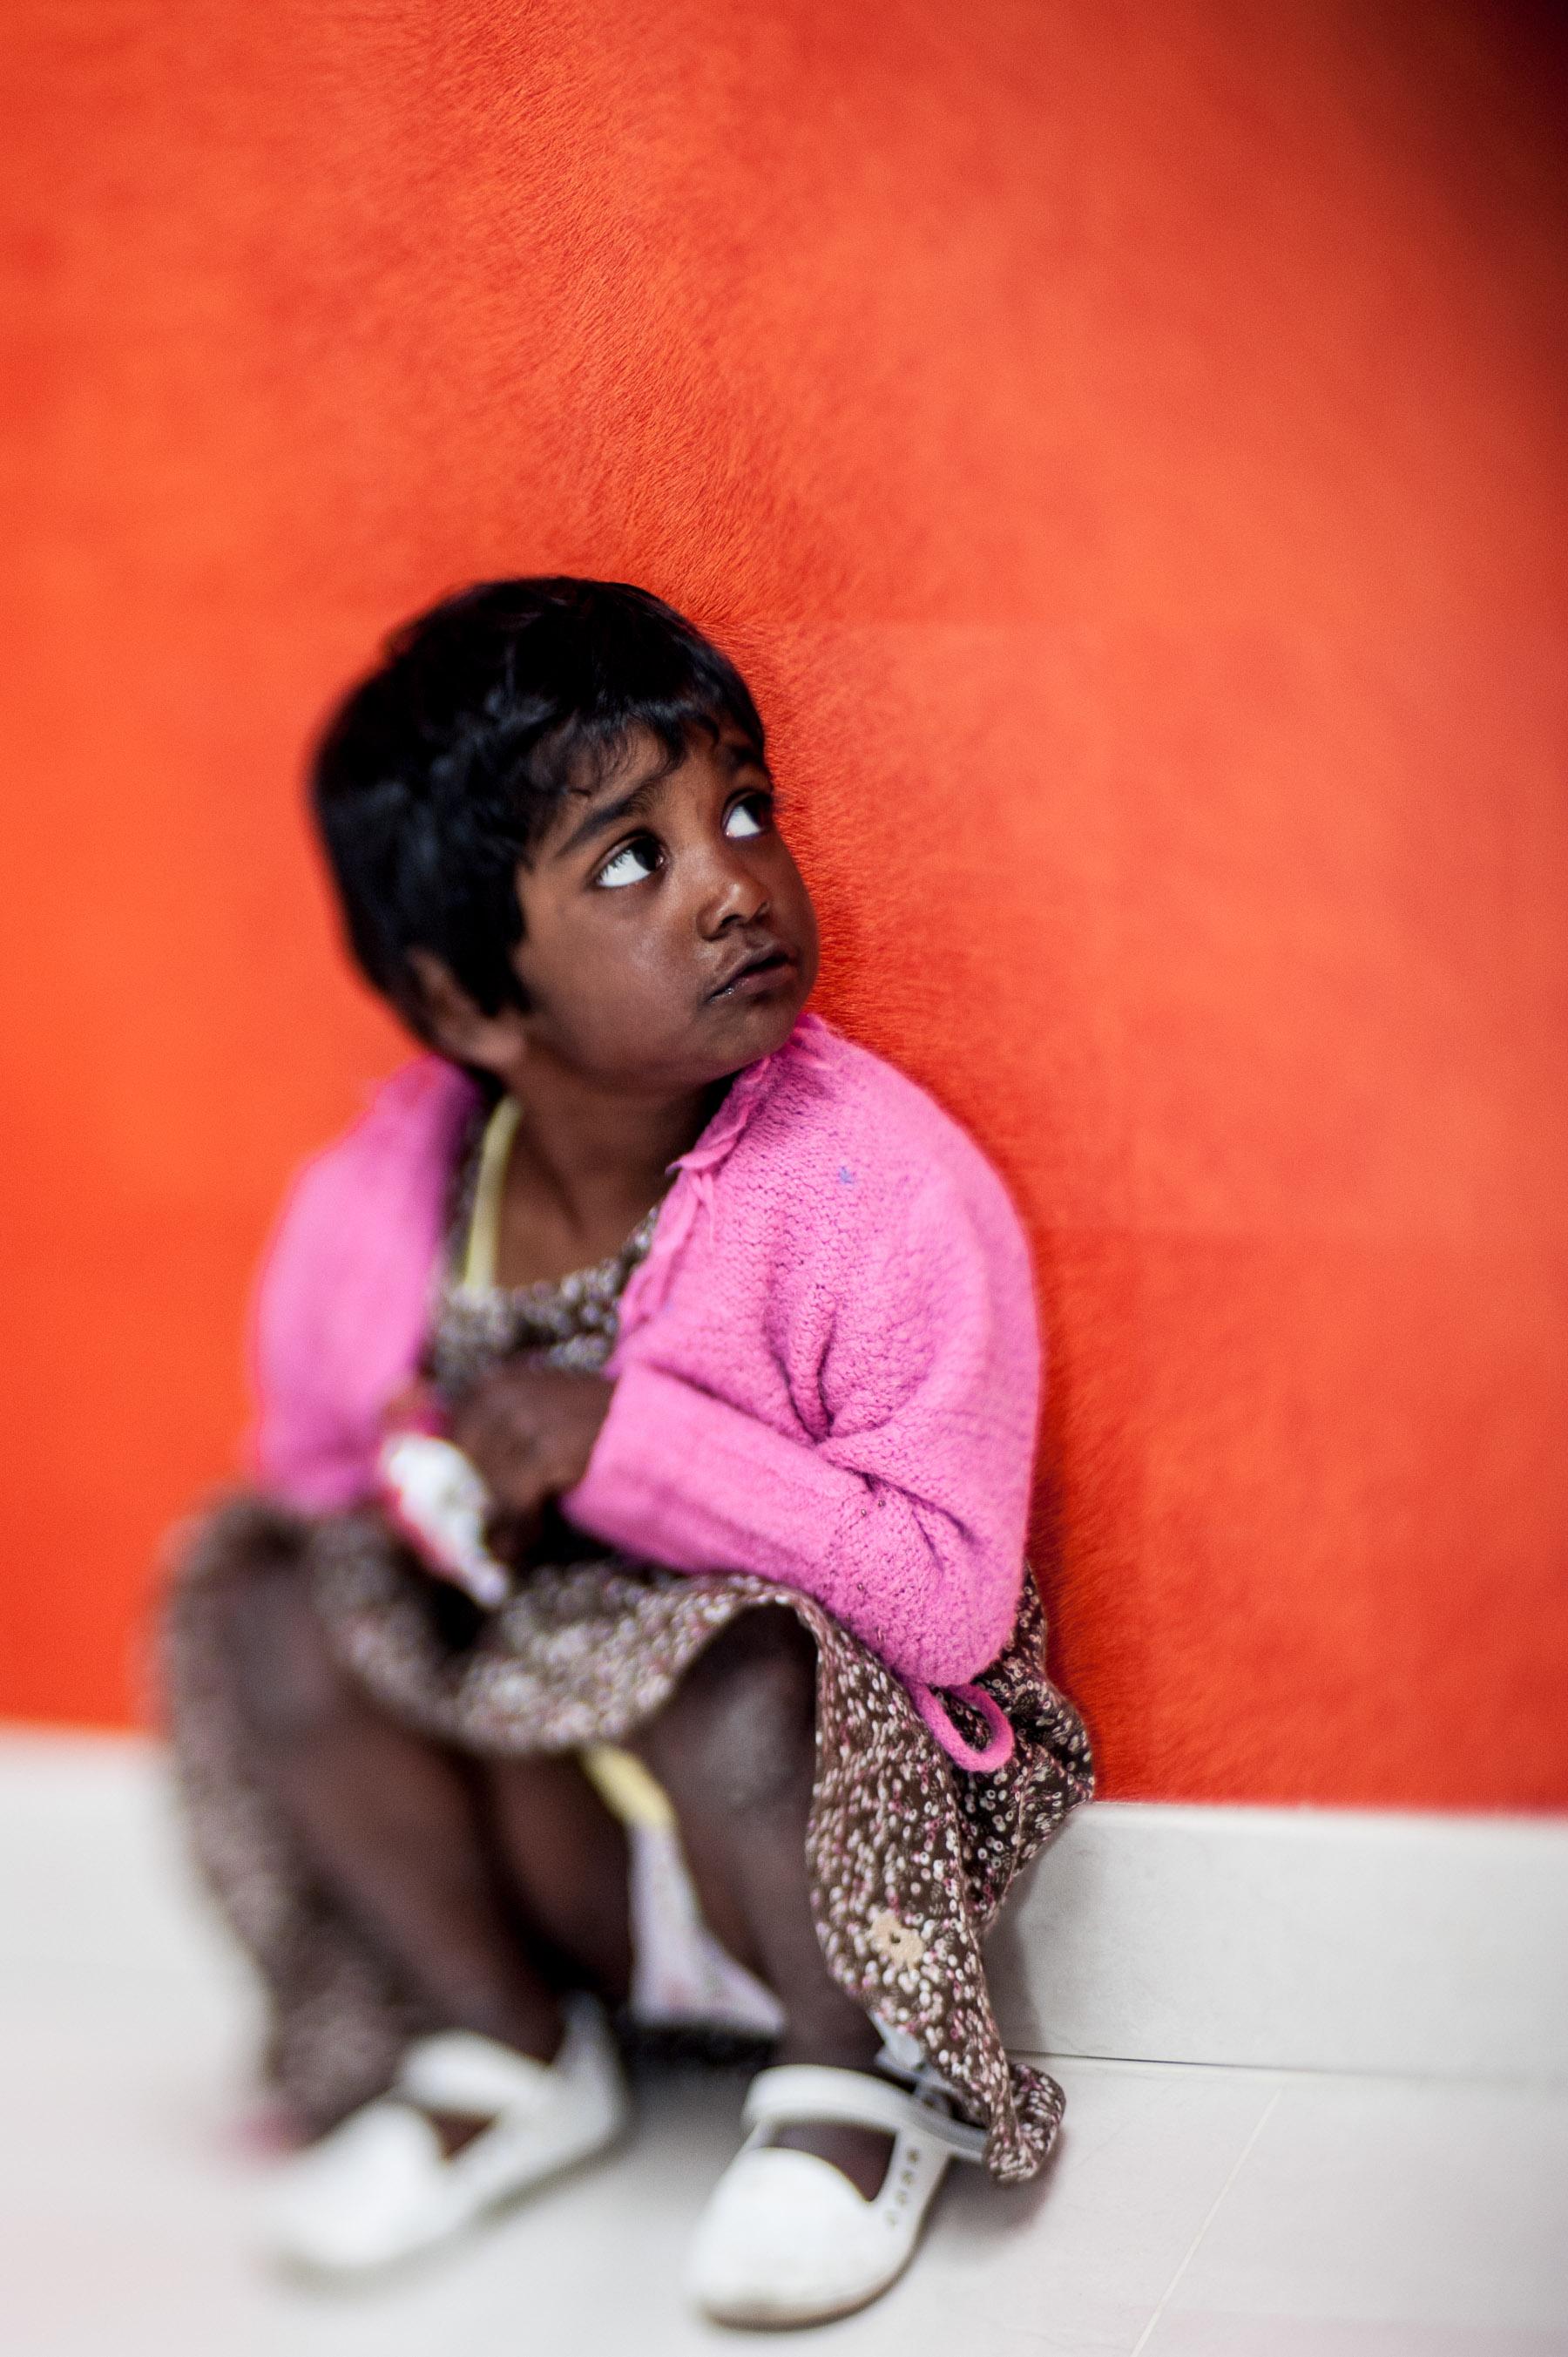 patricia-vanrespaille-photographer-portrait-058.jpg